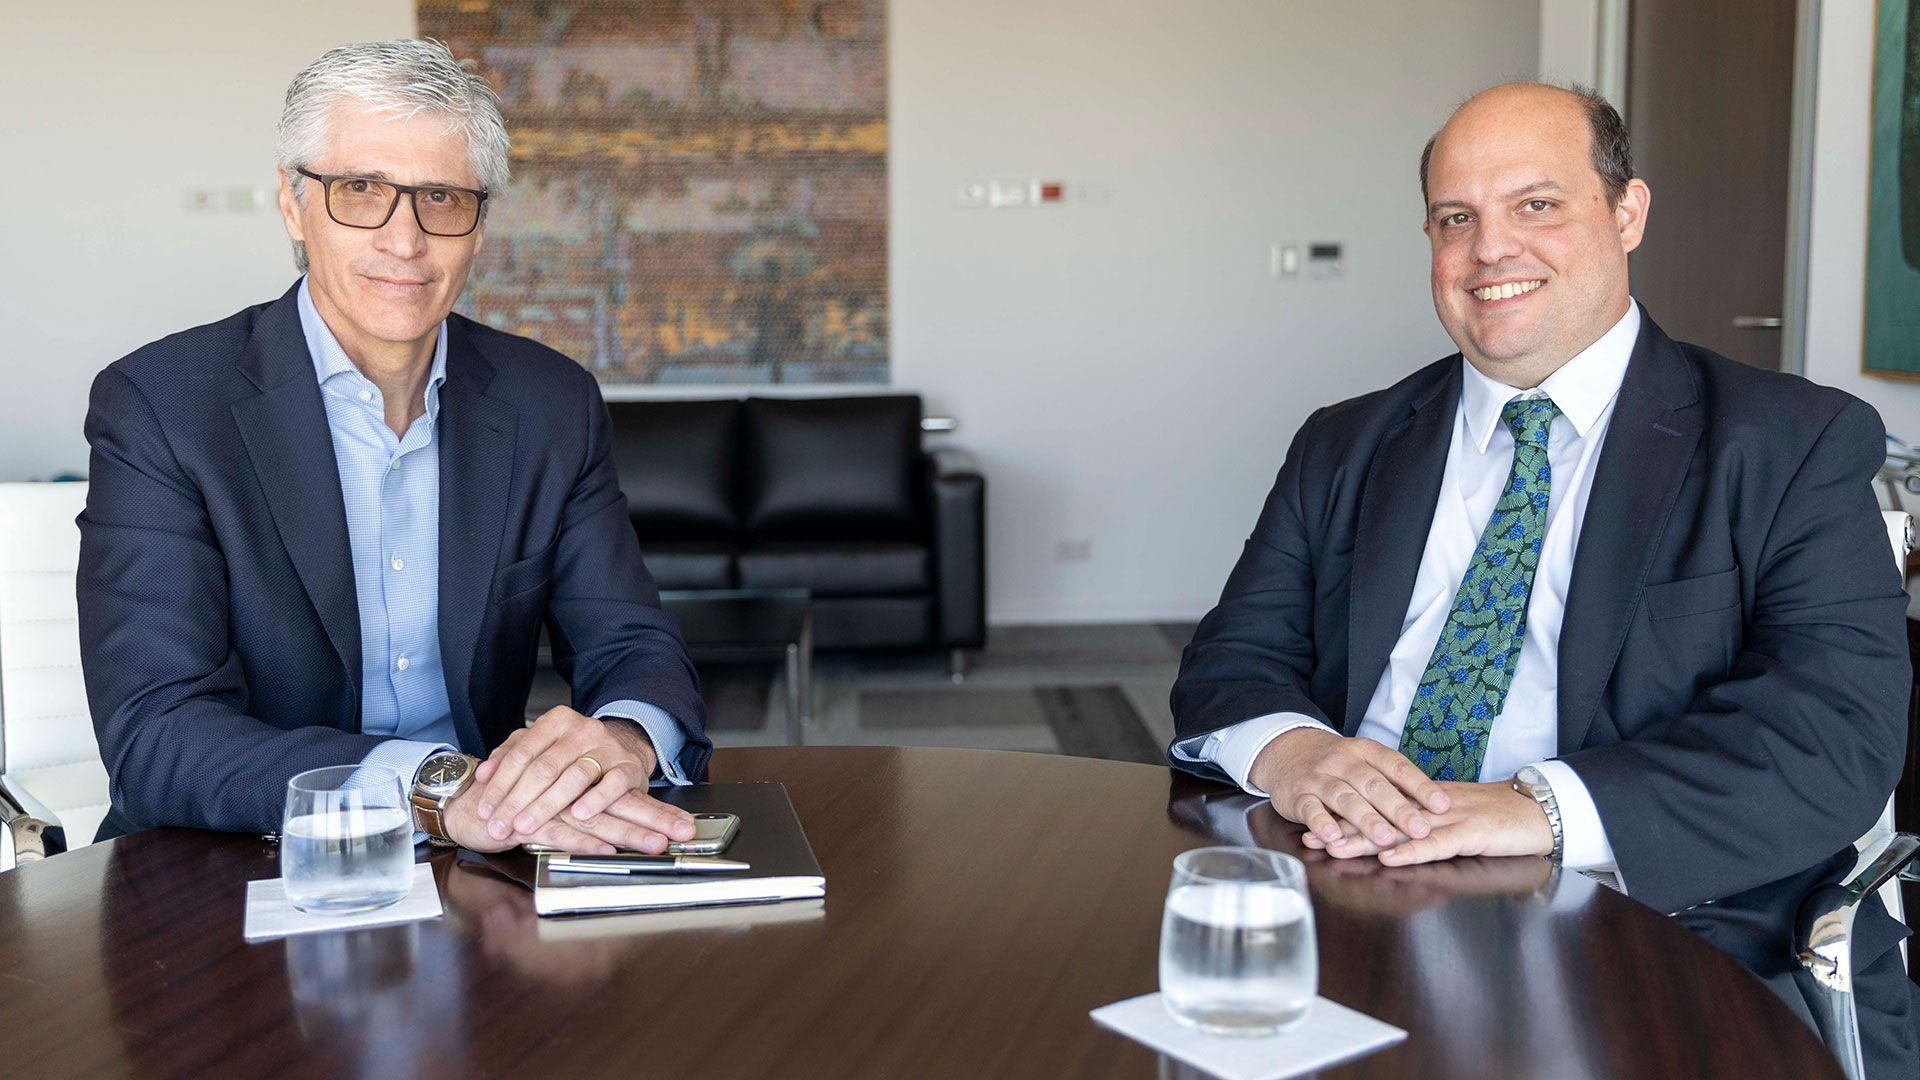 Pablo Ceriani (a la derecha) es el nuevo titular de Aerolíneas Argentinas; a su lado, Luis Malvido, su antecesor